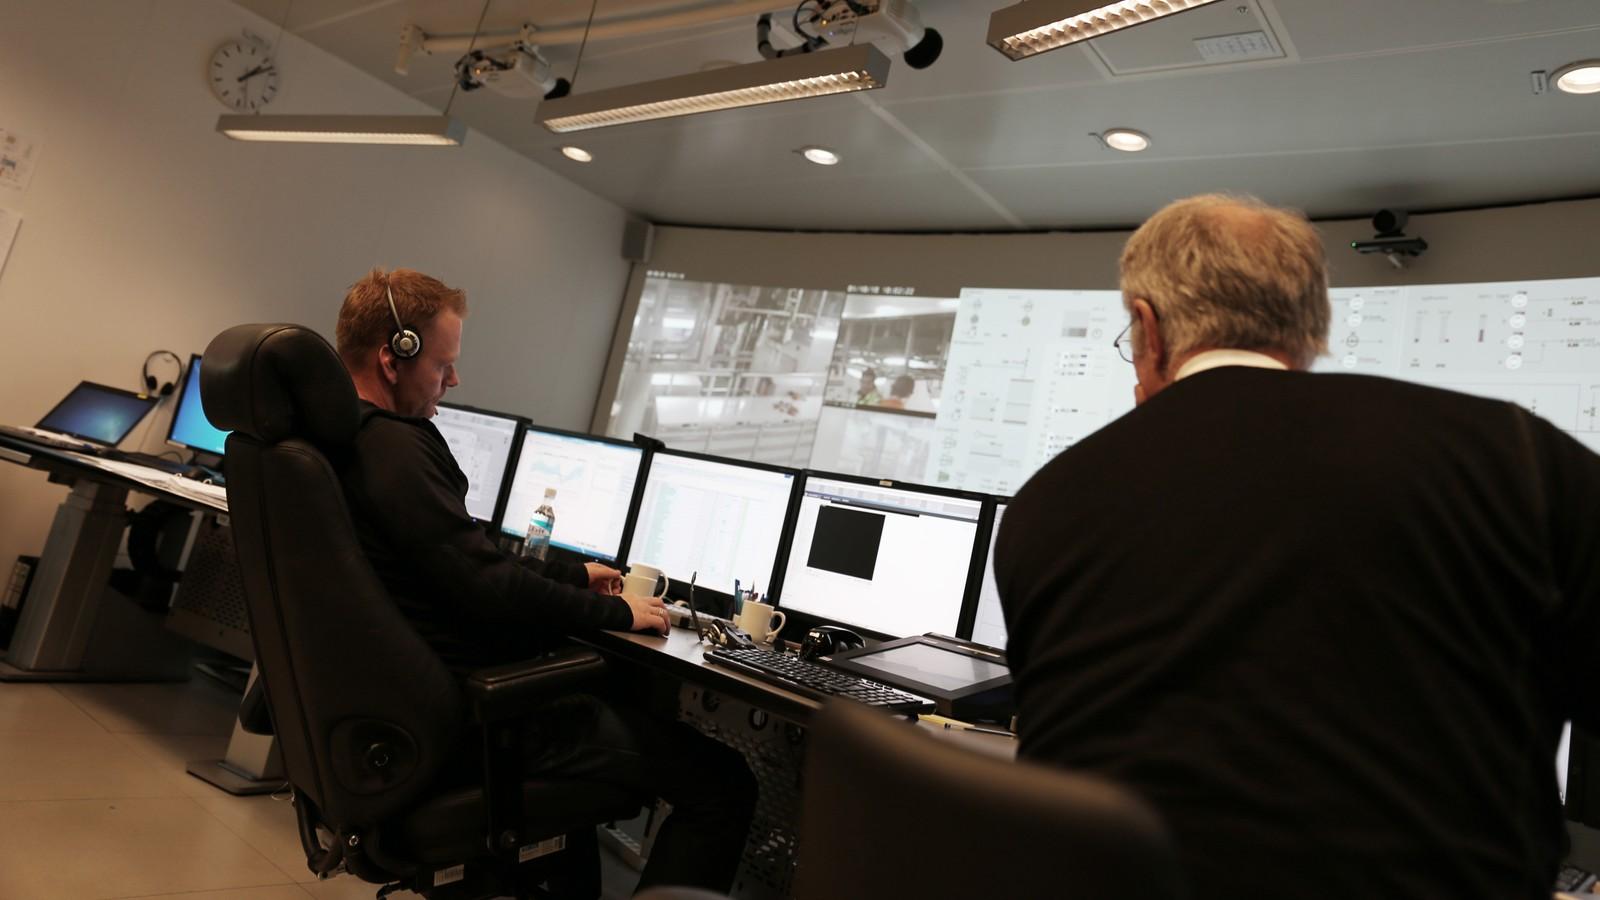 På plattformen fins eit stort og oversiktleg kontrollrom. Eit tilsvarande vil bli bygd på Statoil sitt kontorbygg på Sandsli i Bergen, der heile plattformen blir fjernstyrt frå 2017.